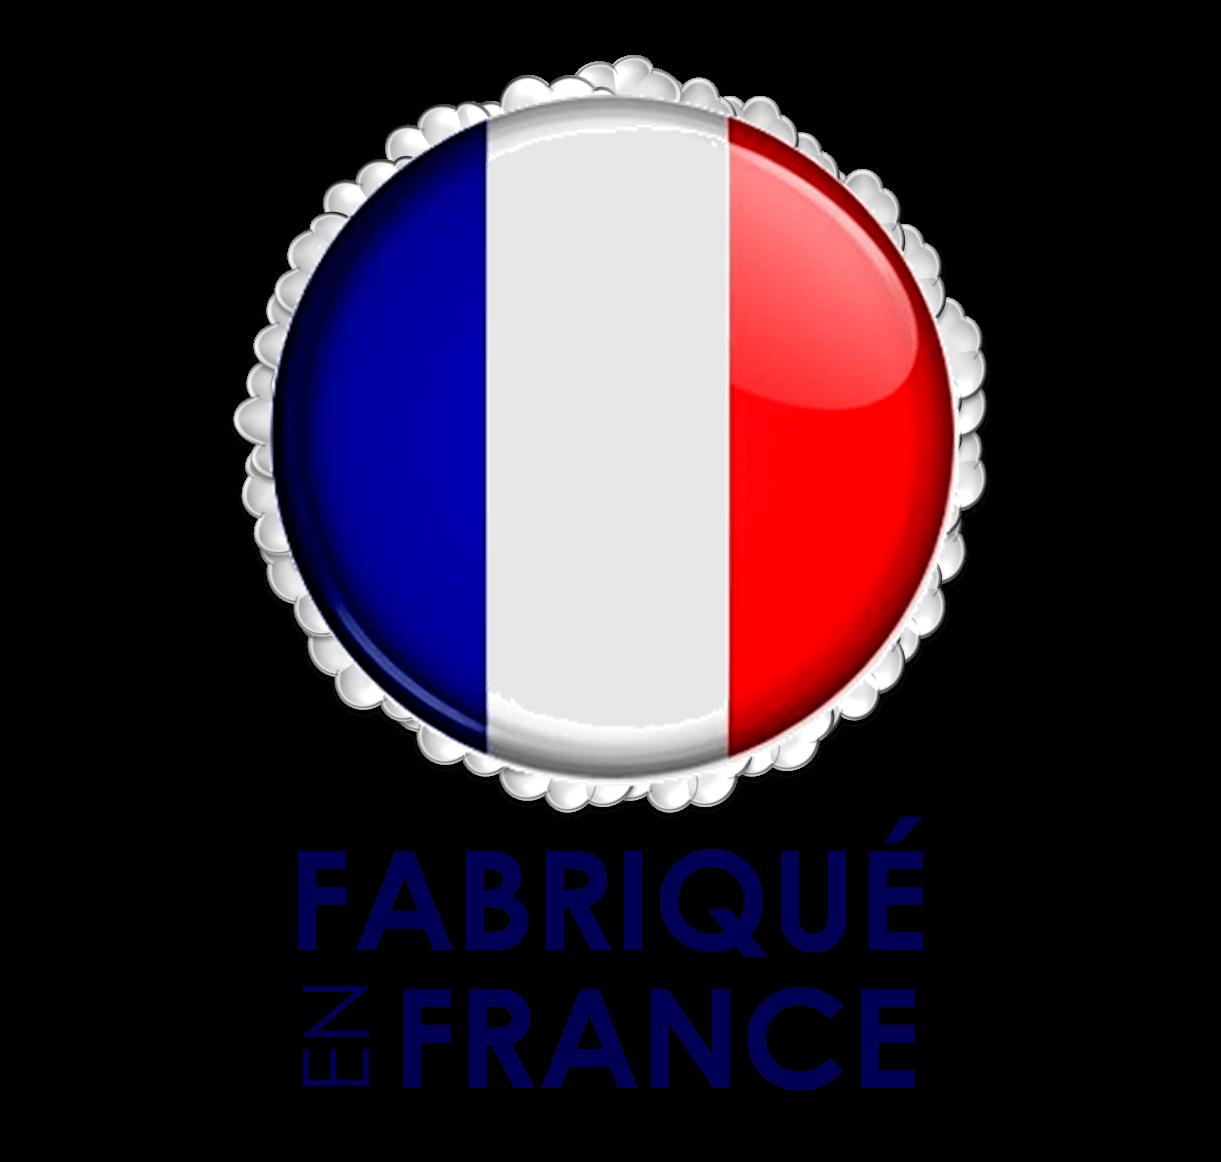 fabrication française - planet macarons